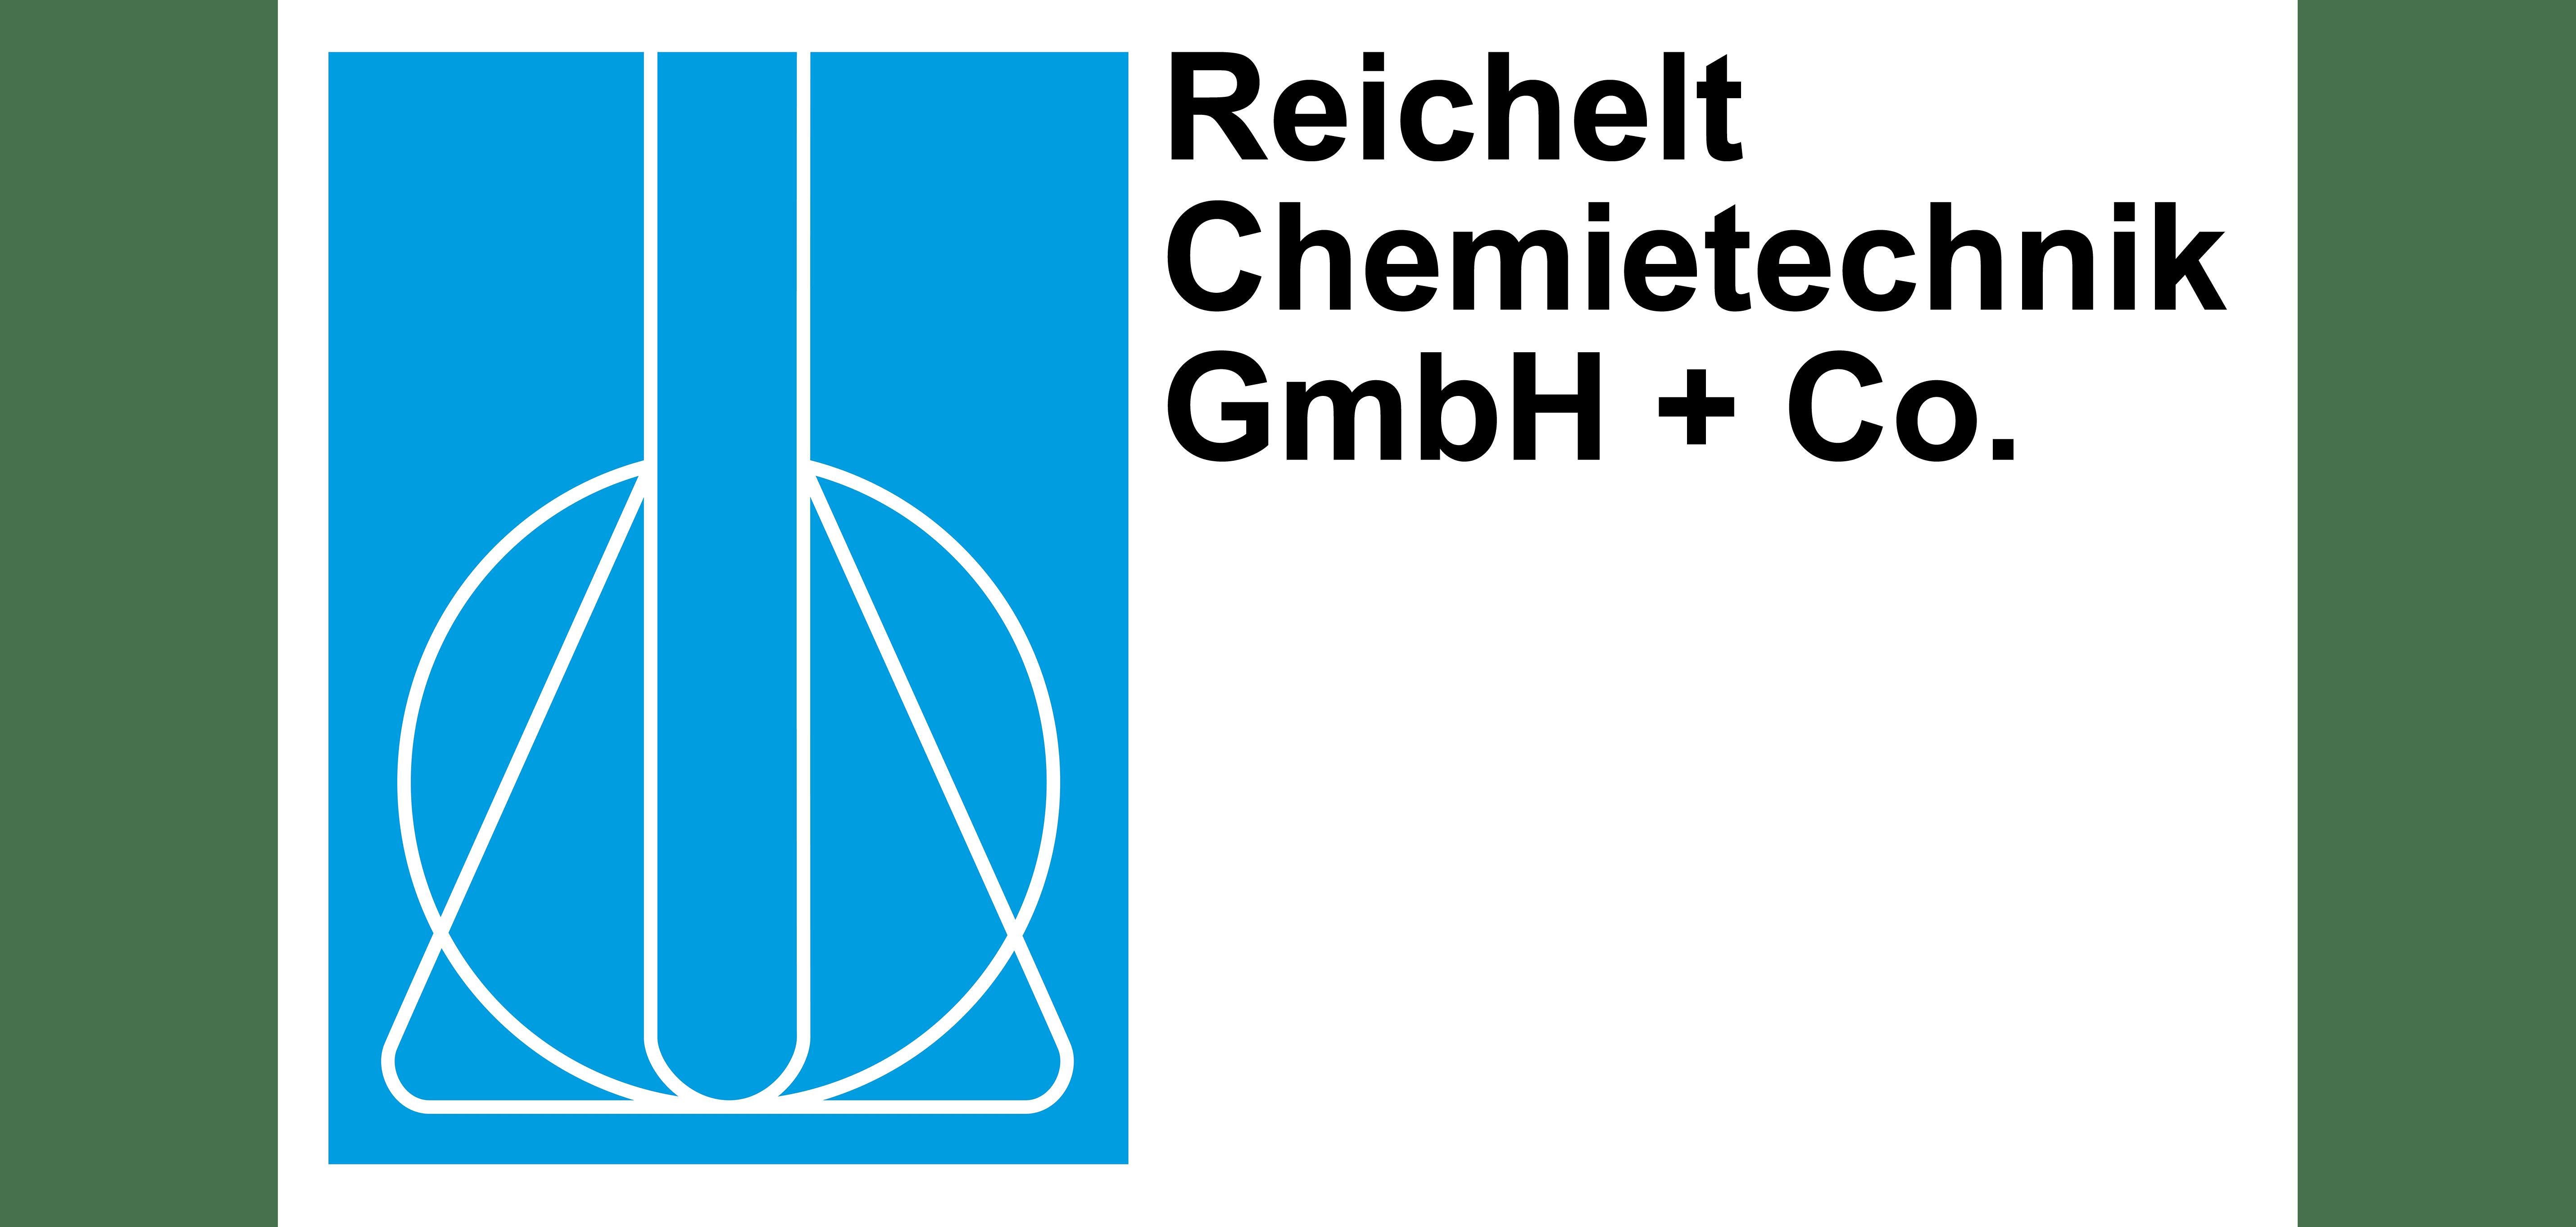 Reichelt Chemie